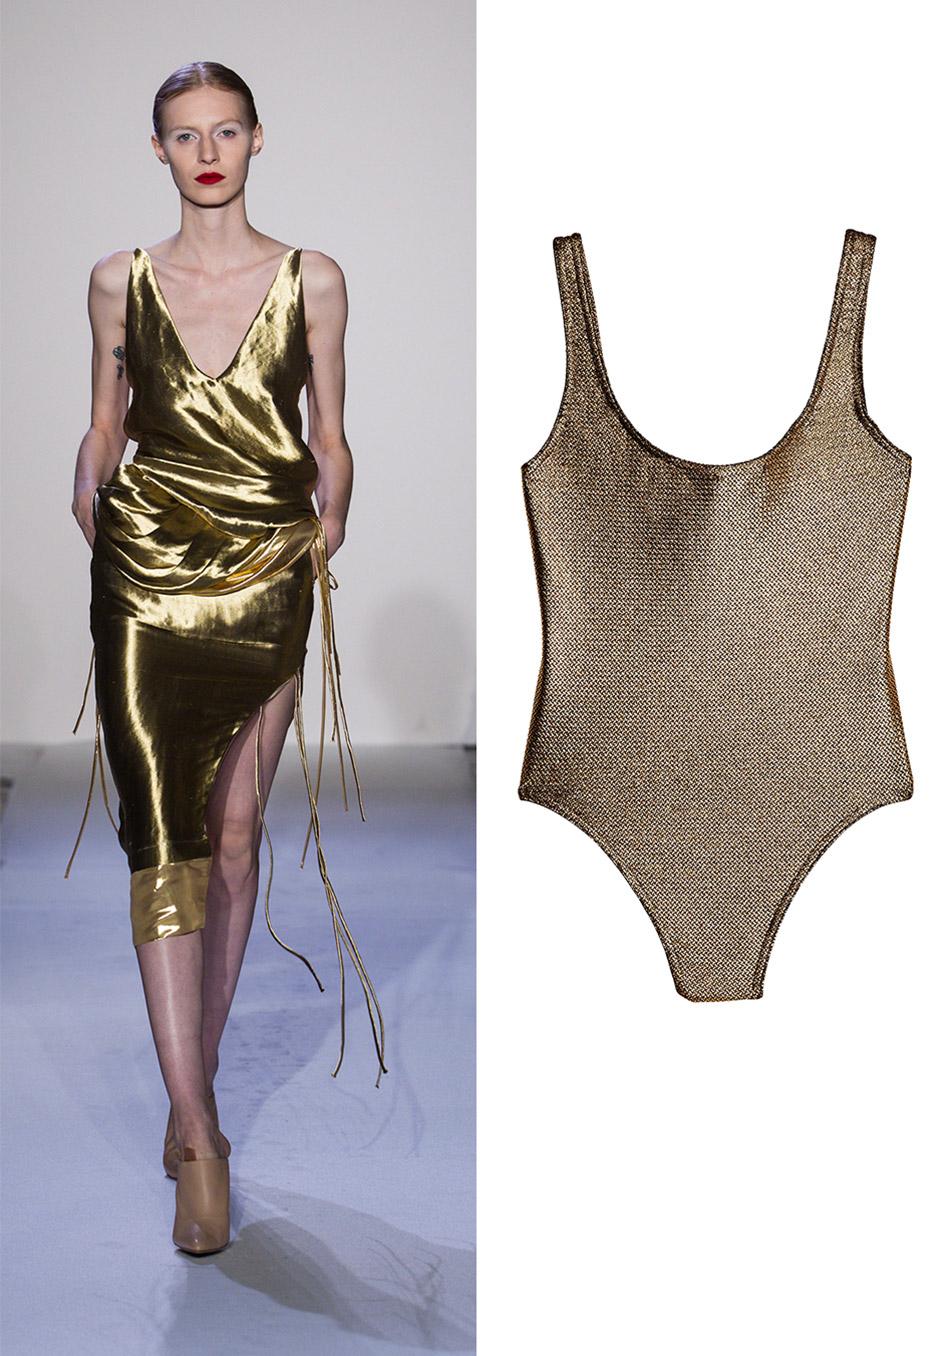 модные купальники лето 2014: оттенок металлик